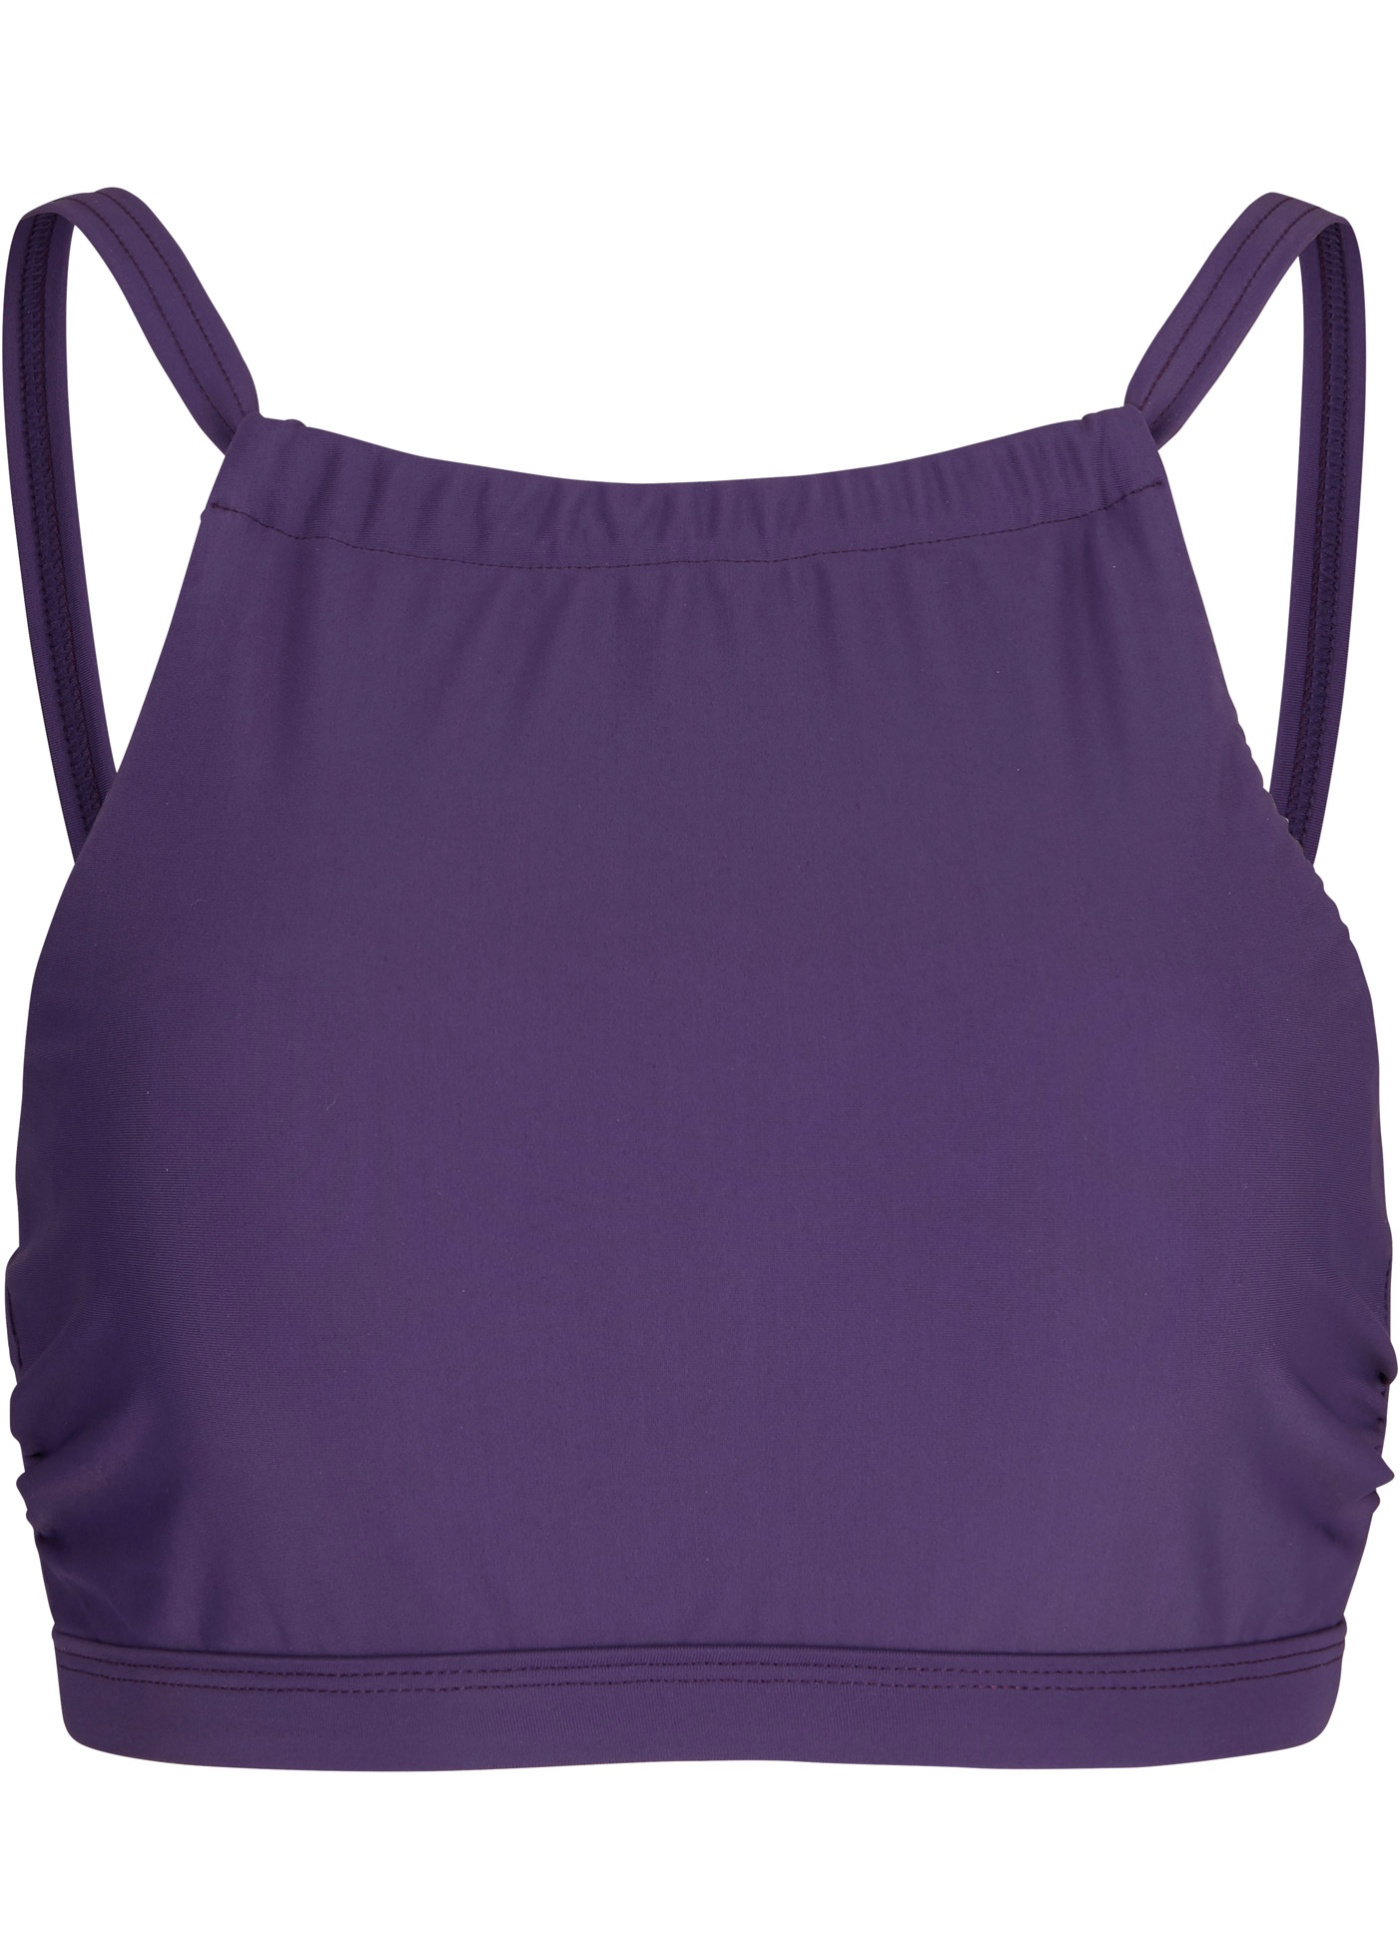 Bustier Bikini Oberteil schnelltrocknend in lila für Damen von bonprix